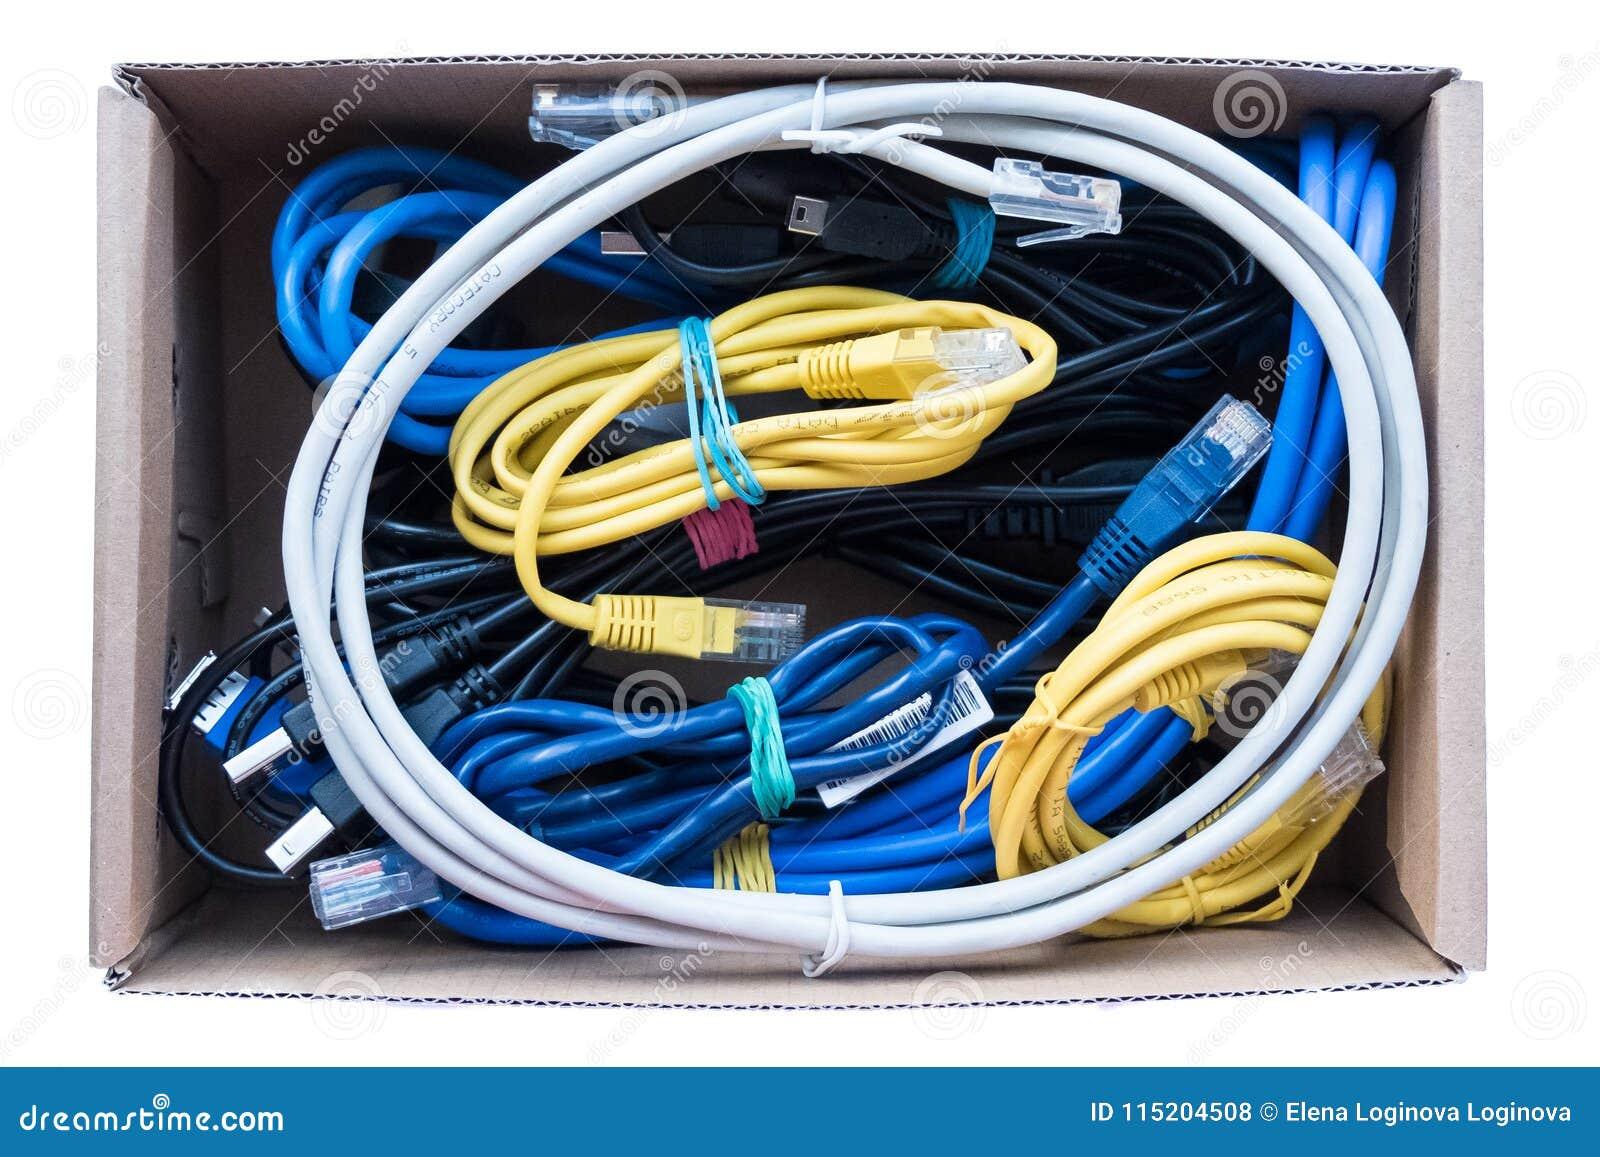 Провода, шнуры и кабели зафиксированы в коробке